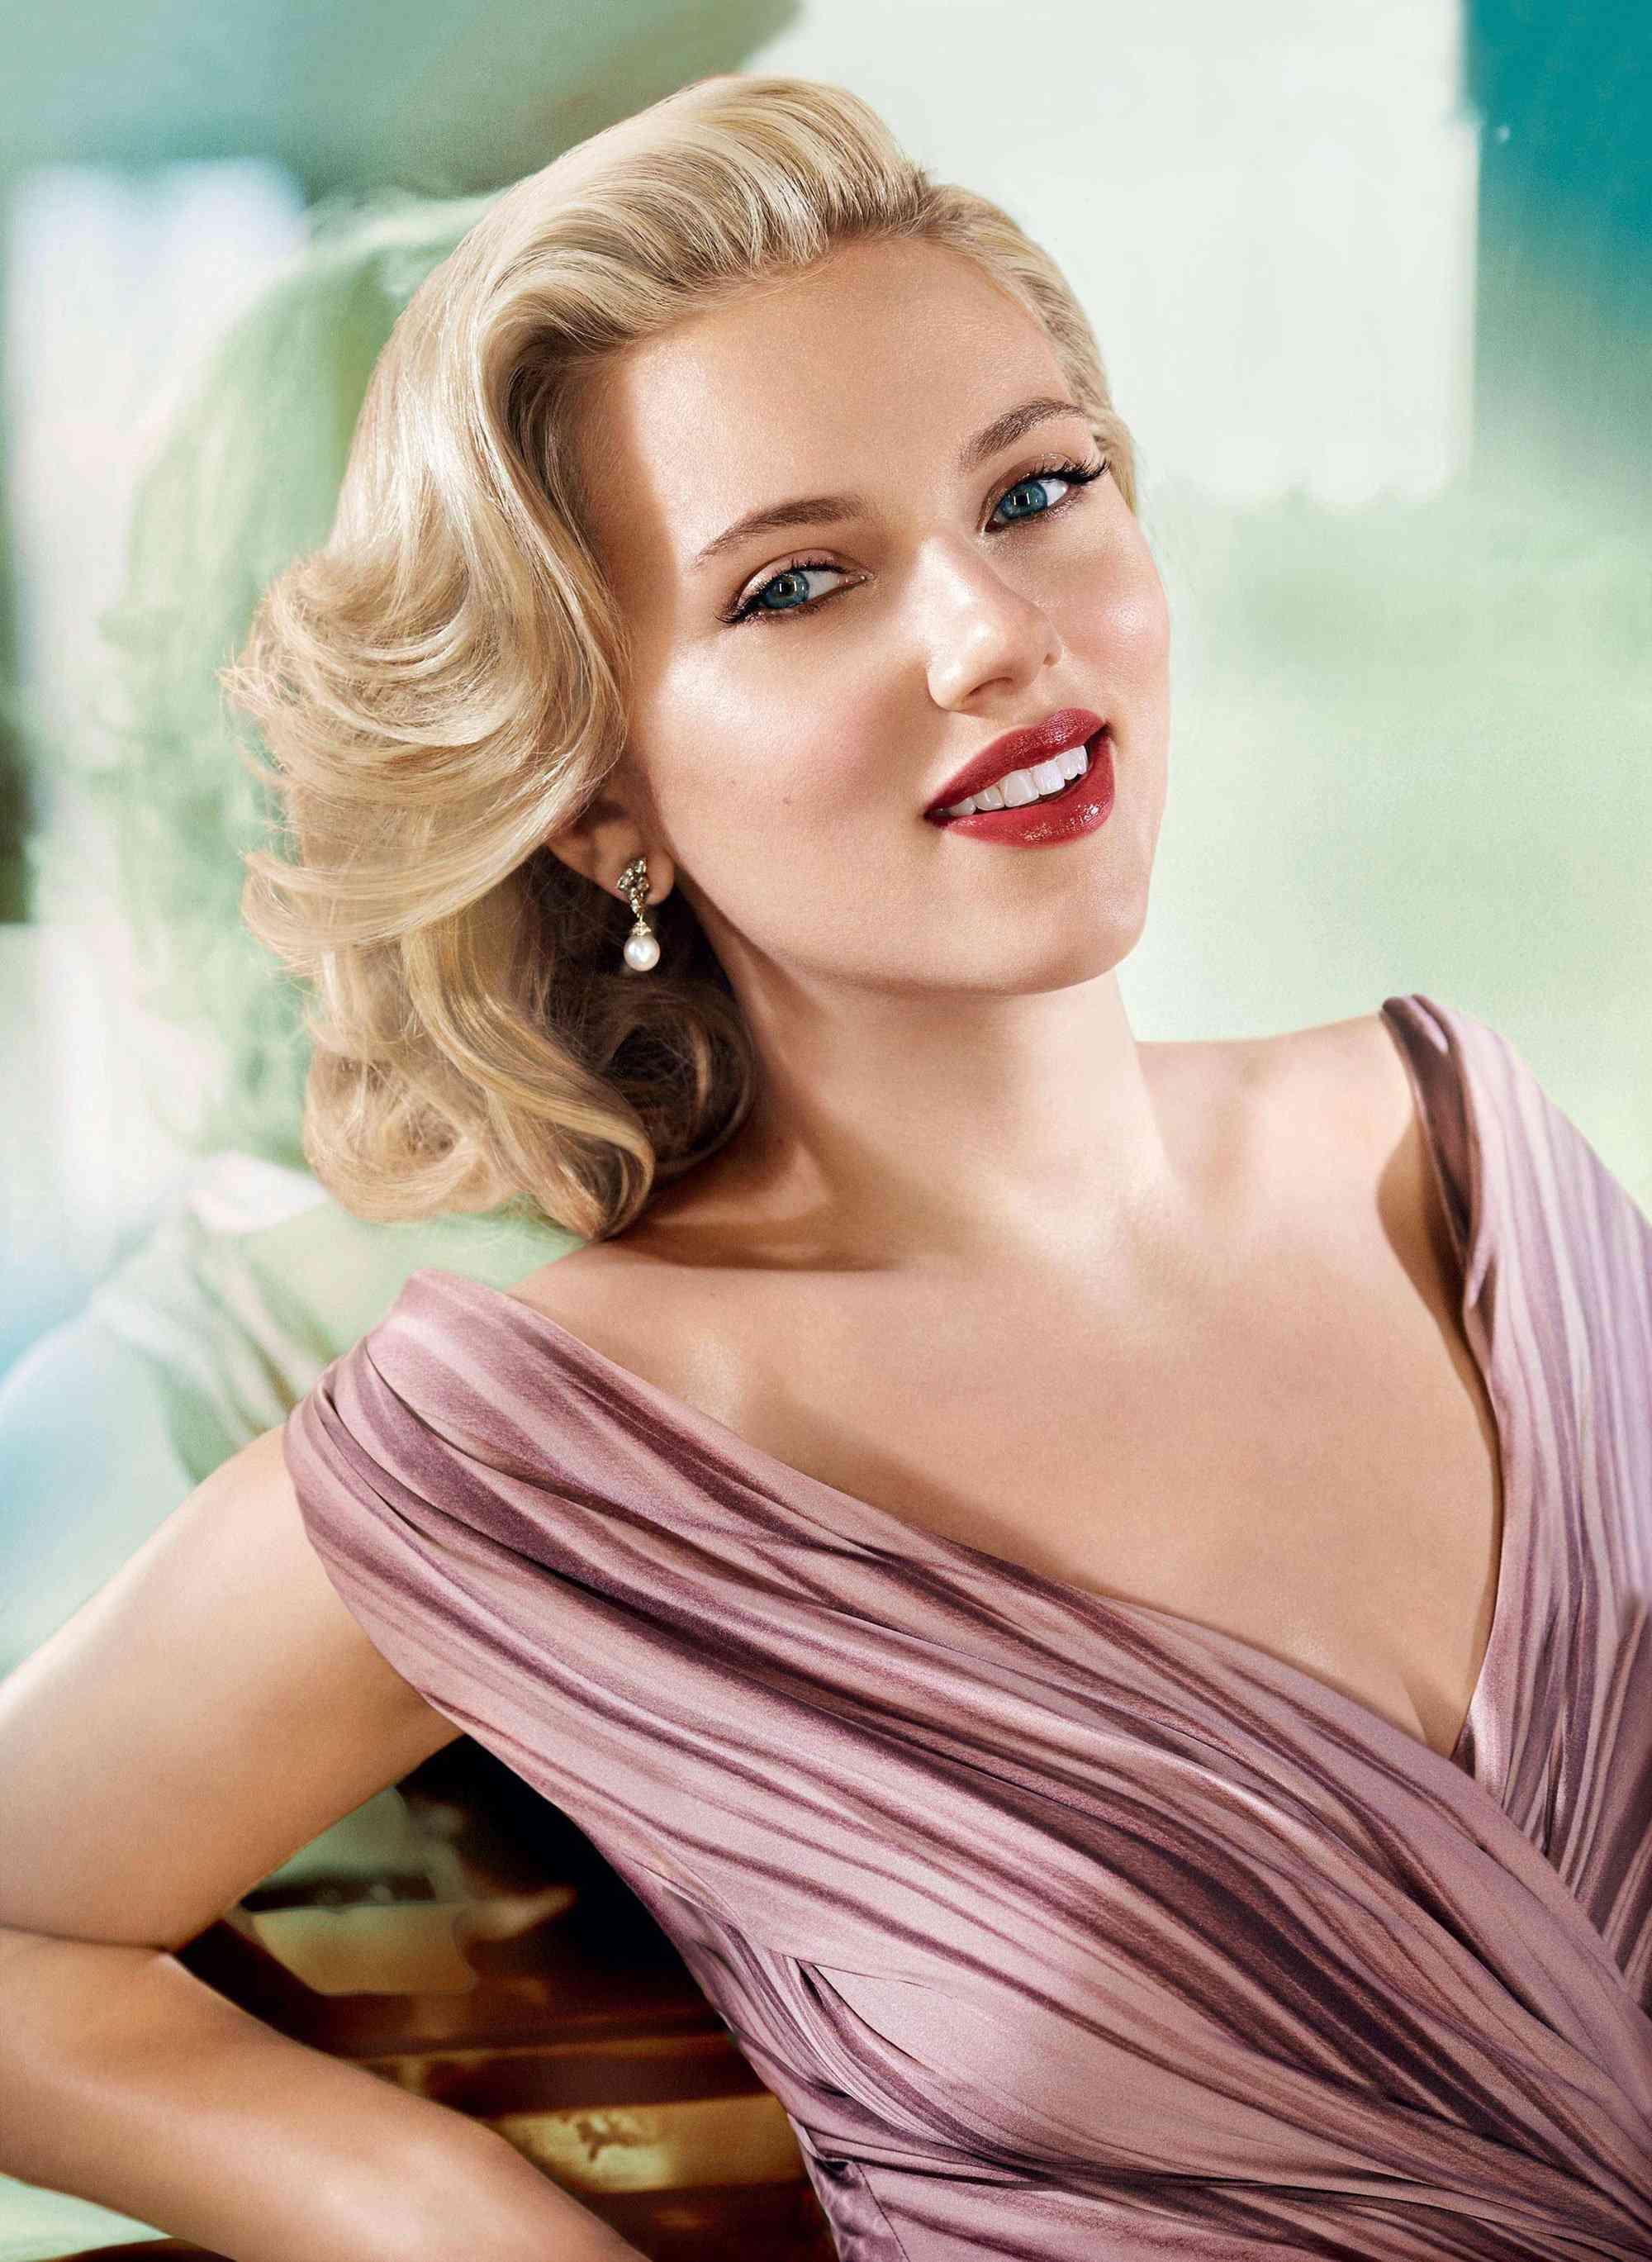 Scarlett Johansson là biểu tượng sắc đẹp của Hollywood thế kỷ 21.